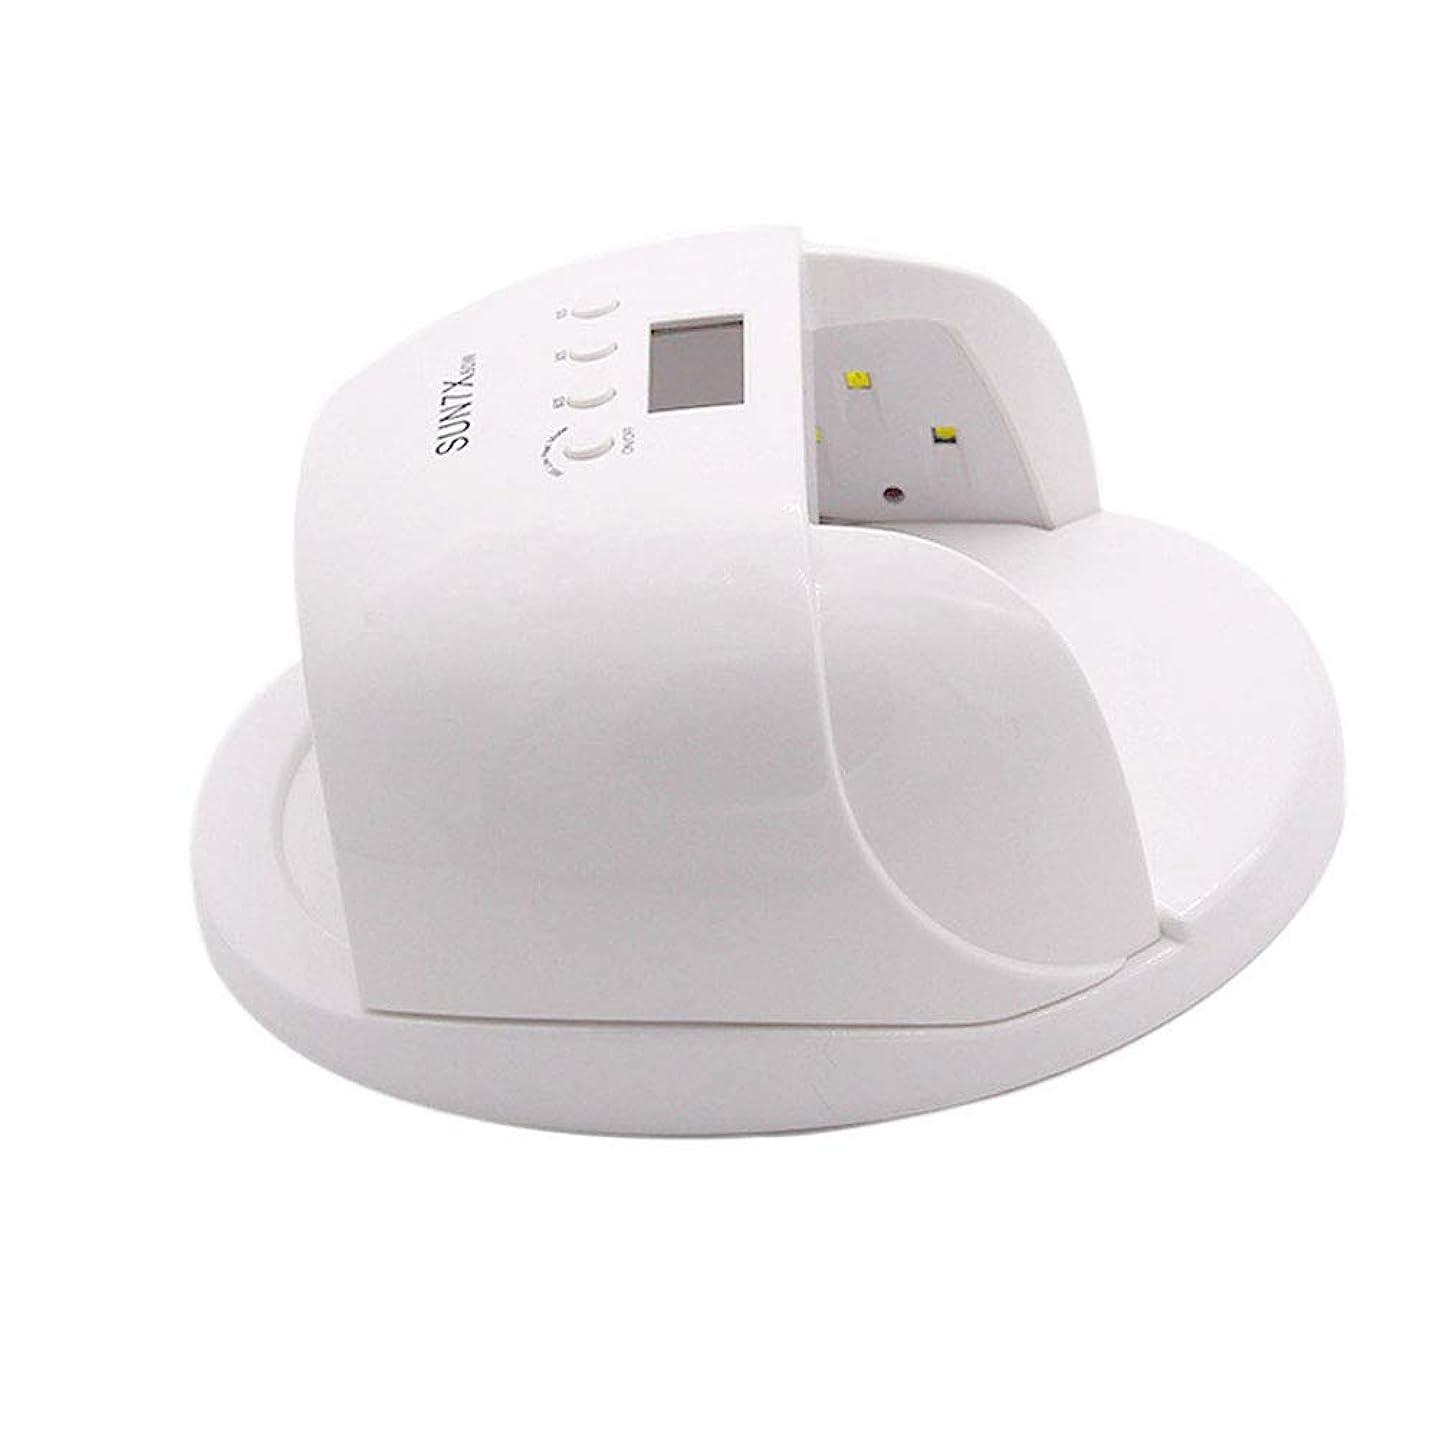 形保全学校の先生スマートなランプ機能、開いた設計、時間設定および低熱のゲルのマニキュアのシェラックのための60W紫外線LEDランプの釘のドライヤー